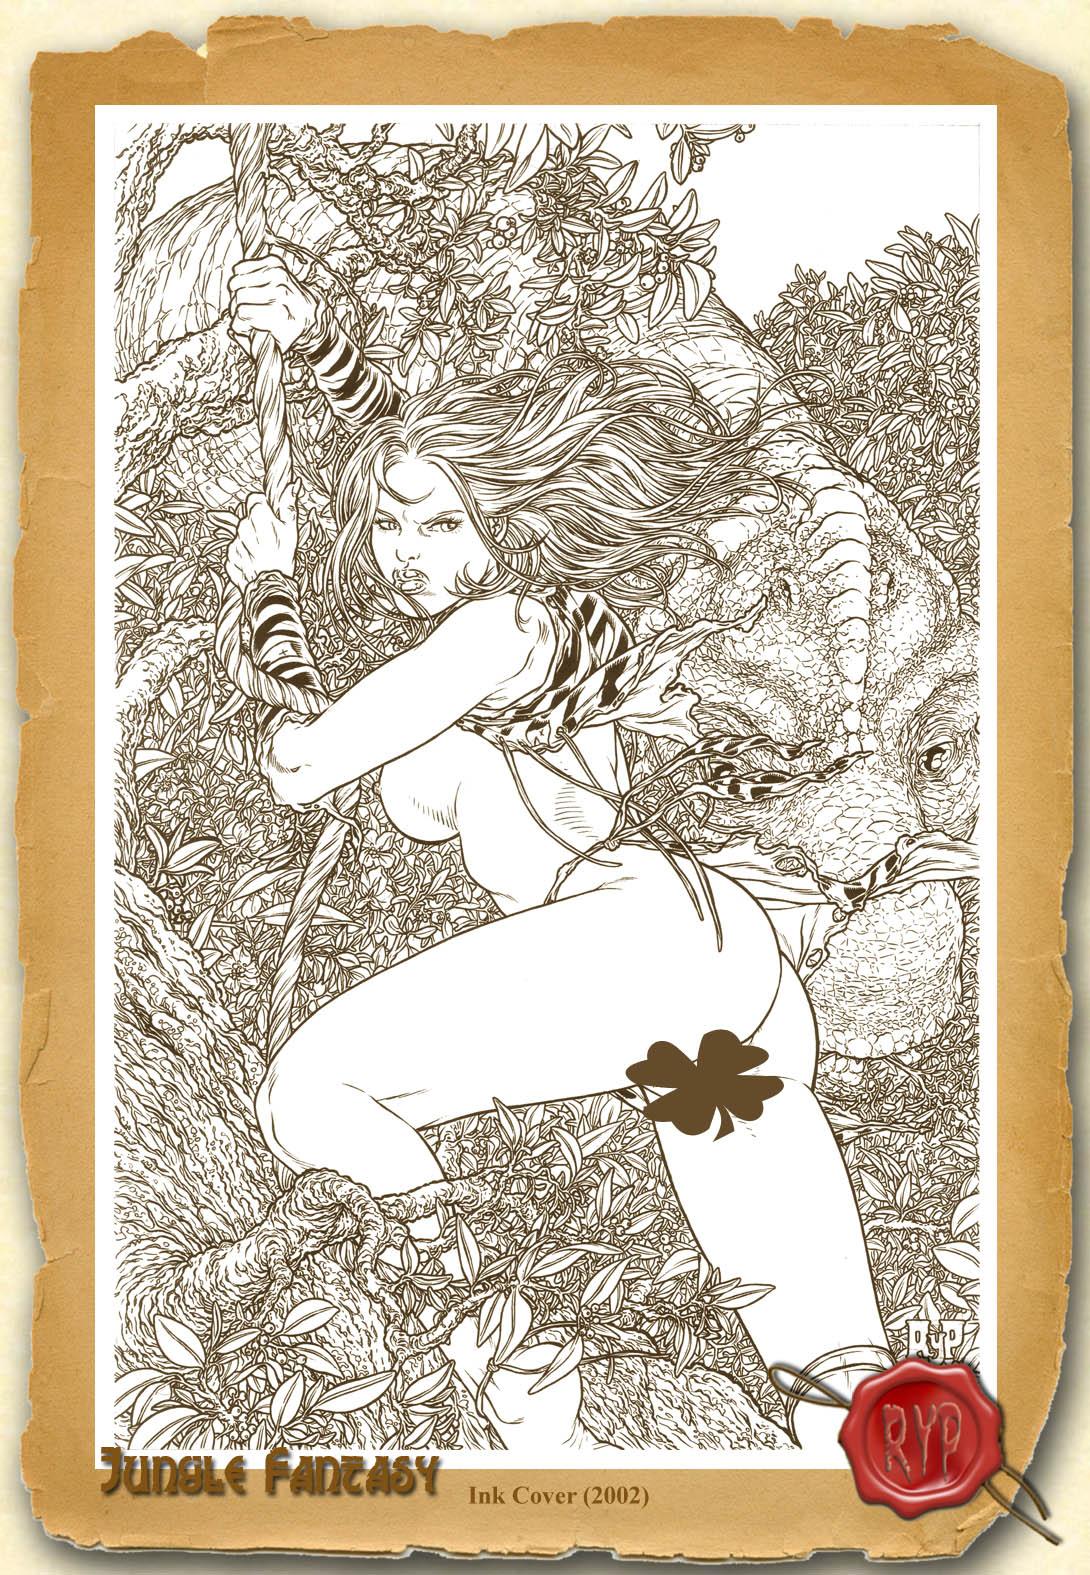 [Jungle+Fantasy-cover]